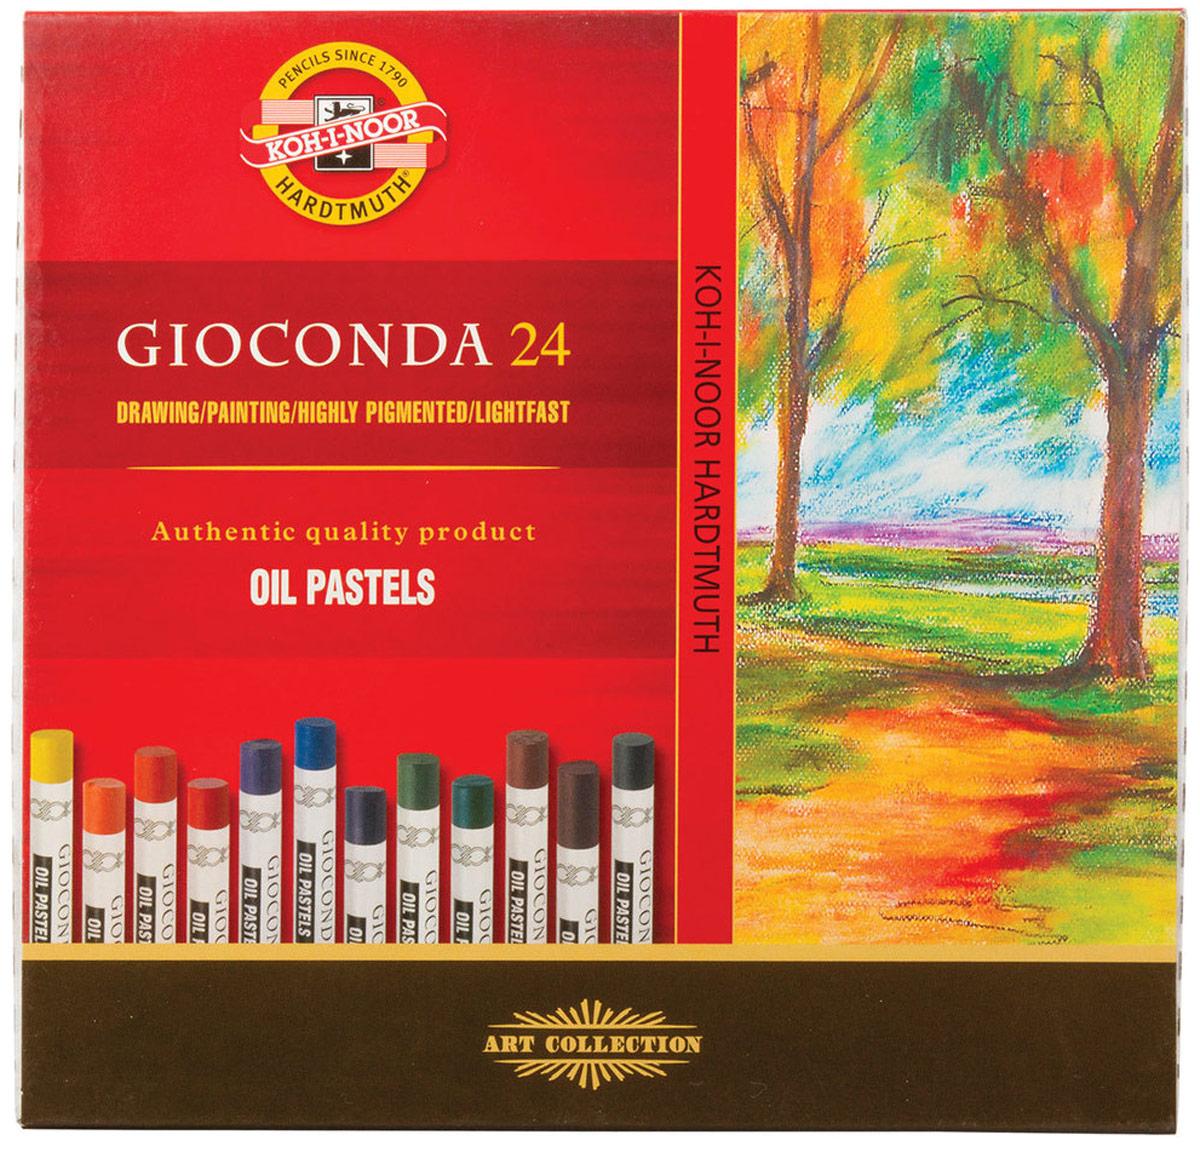 Koh-i-Noor Пастель масляная Gioconda 24 цветов8354024001KSМасляная пастель идеально подходит для различных художественных техник рисования. Легко растираемая, растворяется уайт-спиритом или другим растворителем.